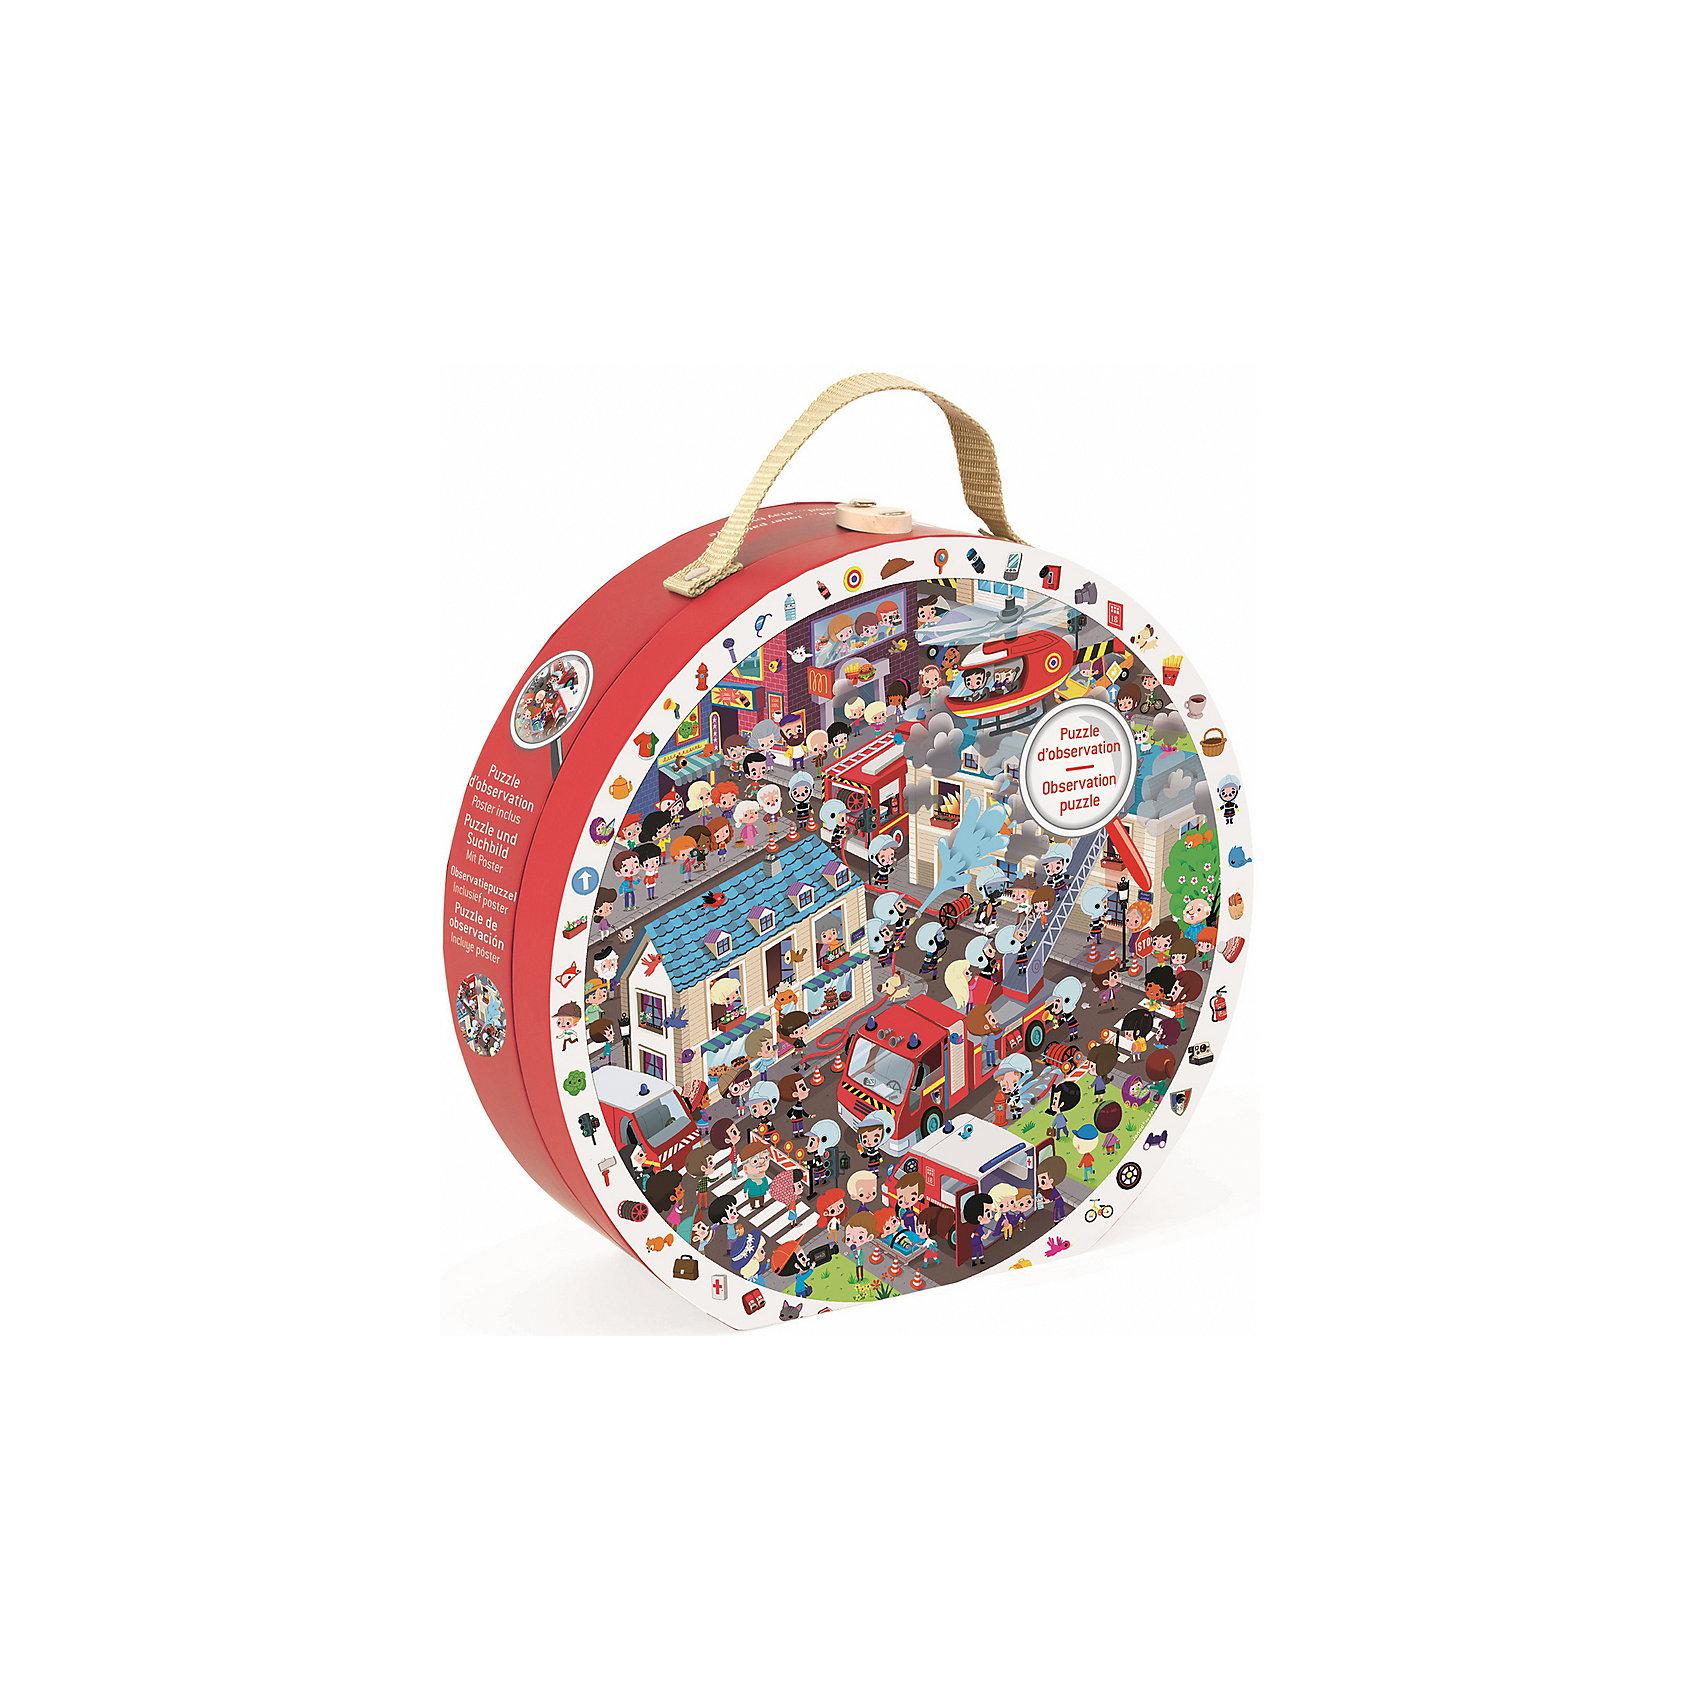 Пазл большой в круглом чемоданчике Пожарные, 208 деталей, JanodПазлы для детей постарше<br>Пазл большой в круглом чемоданчике Пожарные, 208 элементов, Janod (Жанод) ? игрушка-головоломка от французского бренда Janod. Пазлы от Janod (Жанод) отличает высокий художественный стиль, яркие краски, сочетаемость цветов и оттенков, простые, но добрые сюжеты и привлекательные изображения персонажей.<br>Пазл Пожарные, Janod (Жанод) состоит из 208 элементов и имеет необычную форму – собранная картинка круглая, размером 50x50 см. Пазл представляет  собой сюжетное изображение спасательной операции на пожаре, со множеством персонажей и пожарной техники. Задача ребенка заключается в том, чтобы собрать полное изображение. <br>Собирая пазлы,  ребенок развивает образное и логическое мышление, тренирует память и внимательность, приучается к усидчивости. При составлении рассказа по картинке ? развивает воображение и обучается связной речи.  <br>Пазл большой в круглом чемоданчике Пожарные, 208 деталей, Janod (Жанод) упакован в подарочный круглый чемоданчик с ручкой и замочком.<br><br>Дополнительная информация:<br><br>- Вид игр: игры-головоломки, сюжетно-ролевые<br>- Предназначение: для дома<br>- Материал: картон<br>- Комплектация: 208 элементов, чемоданчик<br>- Размер (Д*Ш*В): 25*7*24 см<br>- Вес: 710 г <br>- Пол: для мальчиков<br>- Особенности ухода: можно протирать сухой губкой<br><br>Подробнее:<br><br>• Для детей в возрасте: от 6 лет <br>• Страна производитель: Китай<br>• Торговый бренд: Janod<br><br>Пазл большой в круглом чемоданчике Пожарные, 208 деталей, Janod (Жанод) можно купить в нашем интернет-магазине.<br><br>Ширина мм: 25<br>Глубина мм: 7<br>Высота мм: 24<br>Вес г: 700<br>Возраст от месяцев: 72<br>Возраст до месяцев: 2147483647<br>Пол: Унисекс<br>Возраст: Детский<br>SKU: 4871781